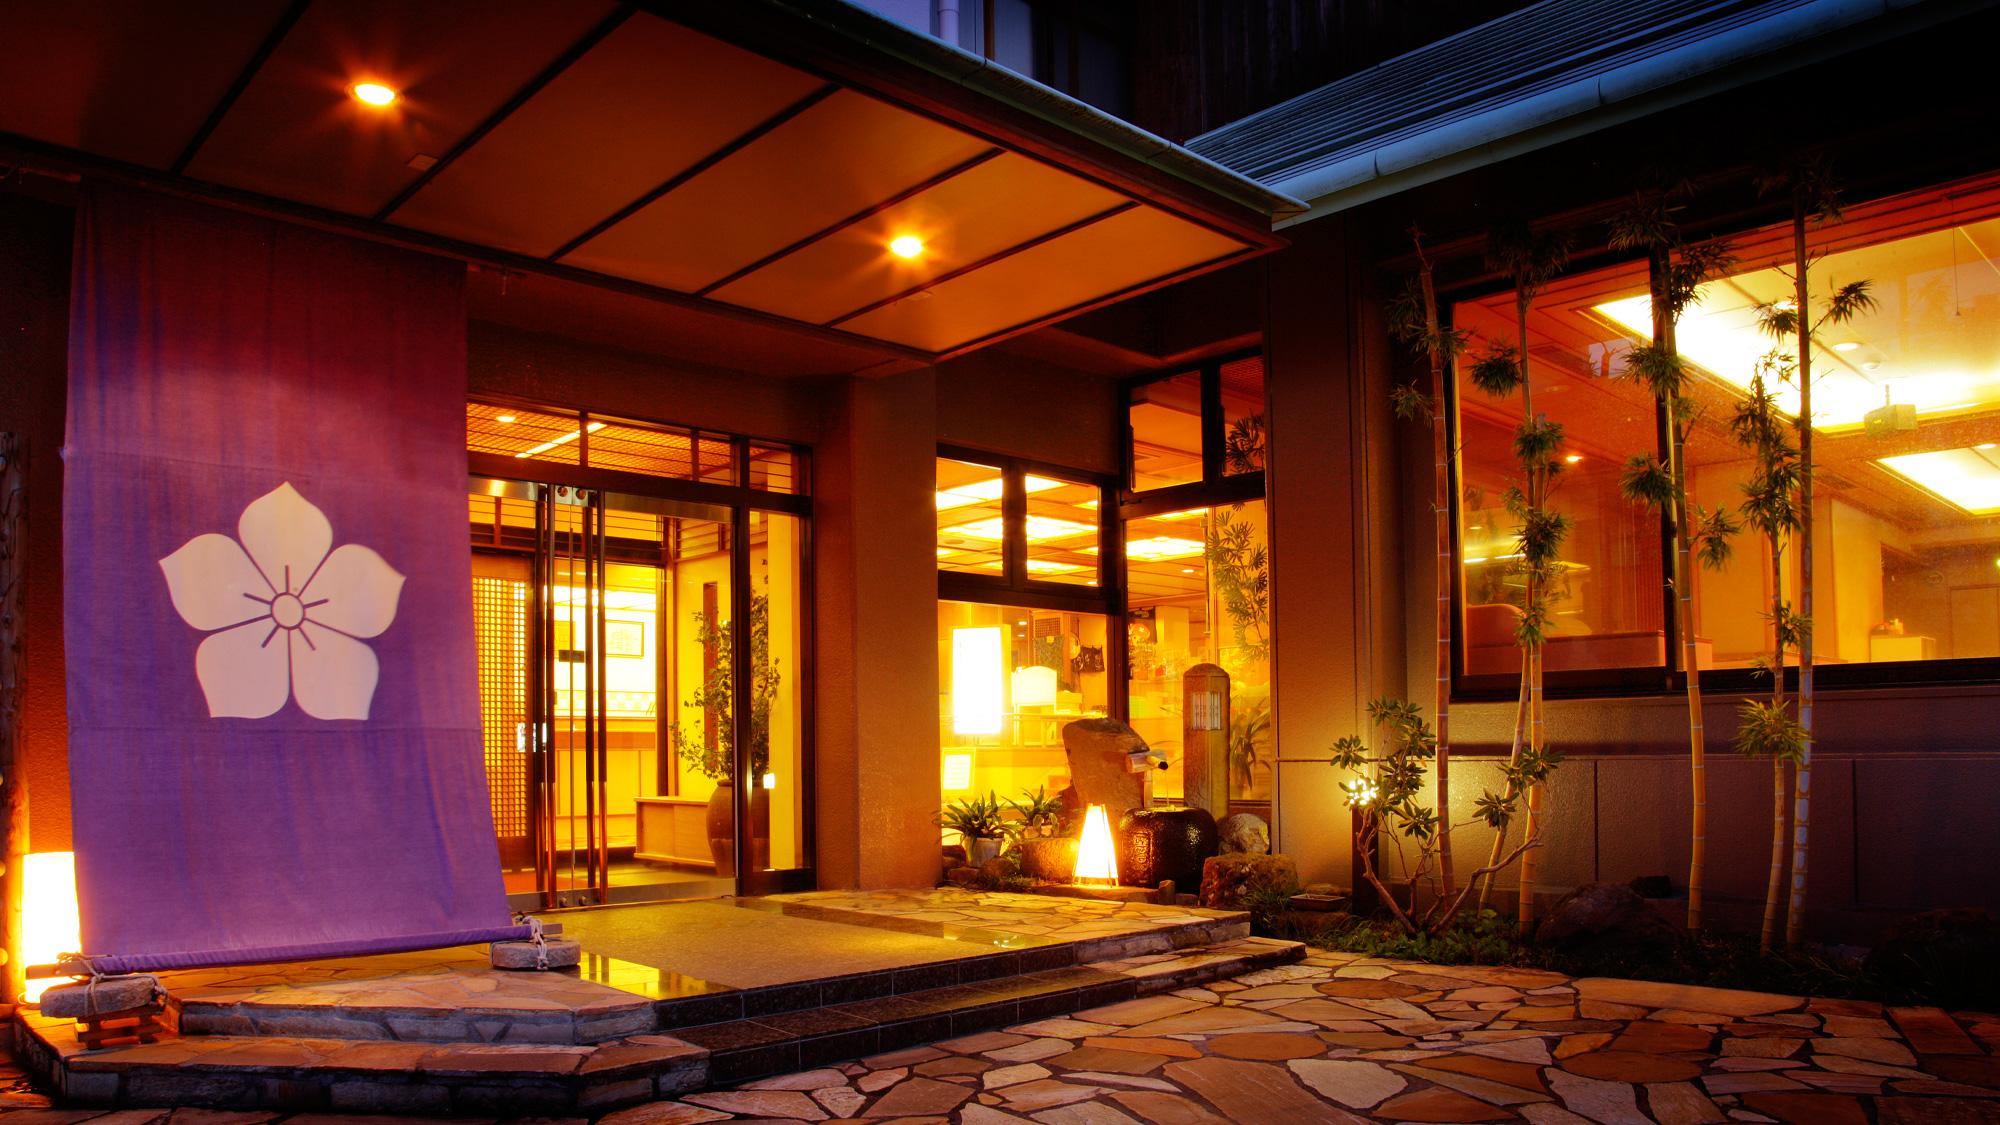 母と一緒に絶景露天風呂に入りたい!伊香保温泉のおすすめ旅館を教えて!